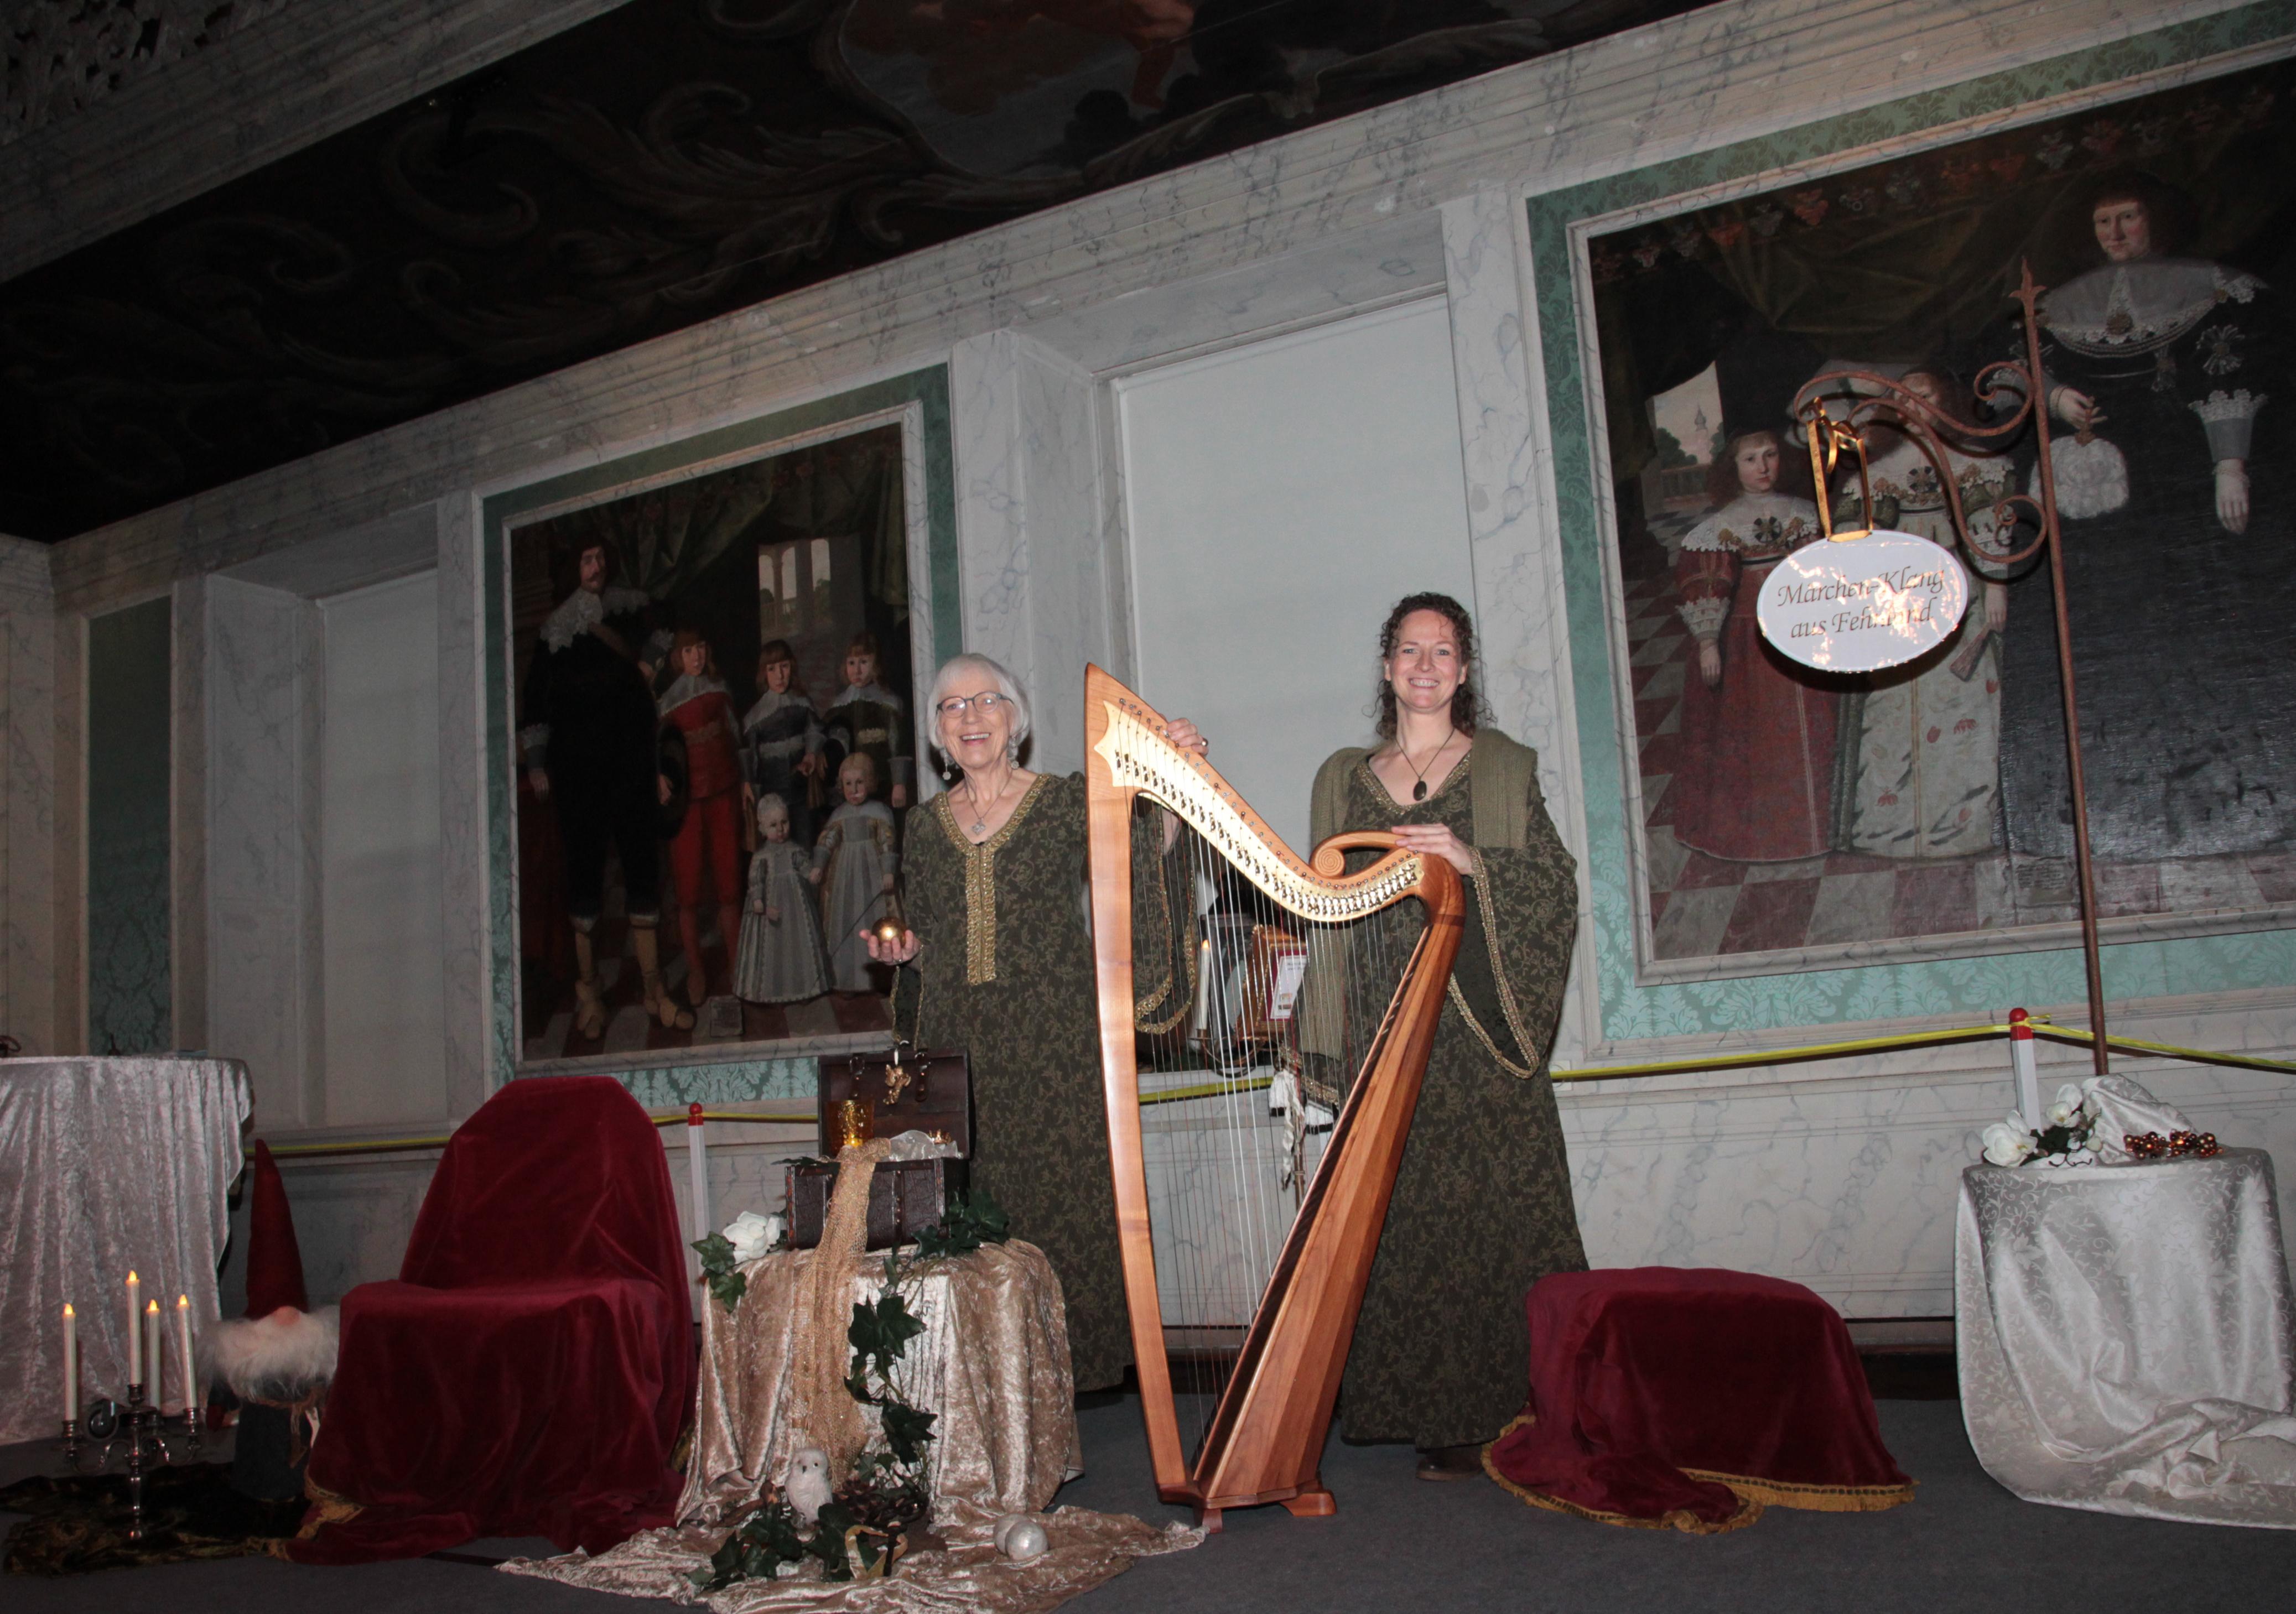 Rittersaal Dornum